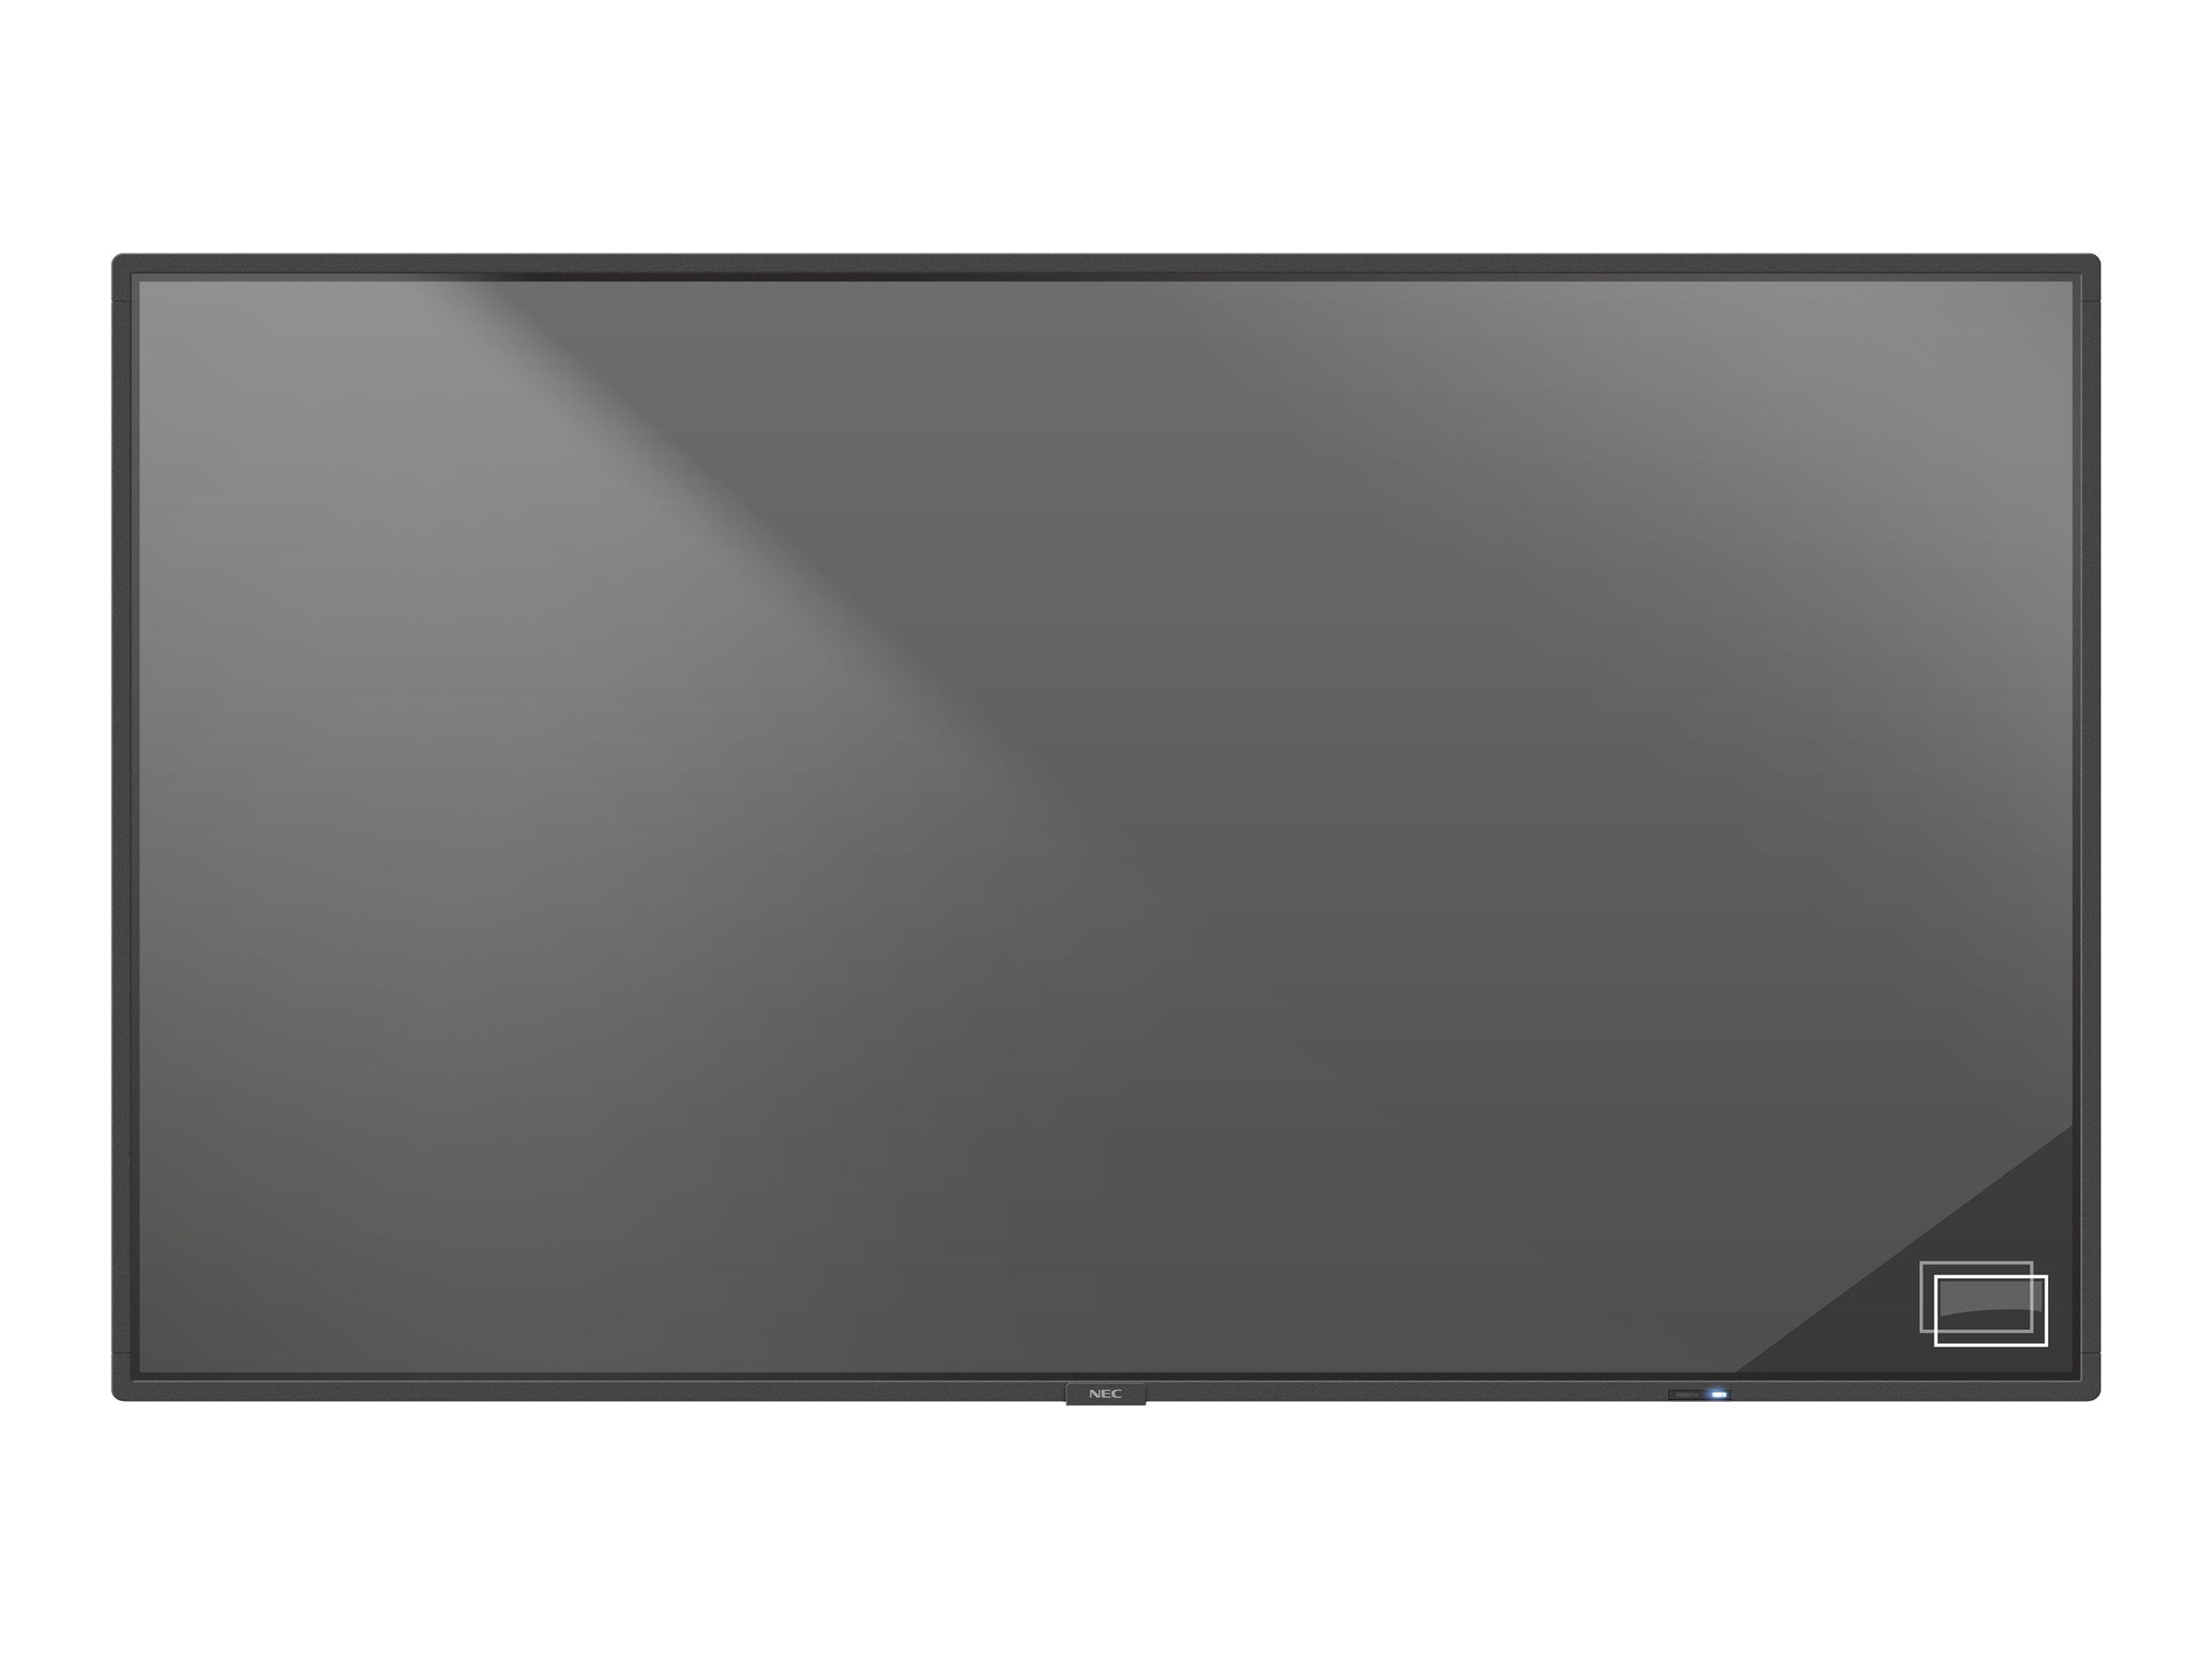 NEC MultiSync V484 PG - 121.9 cm (48